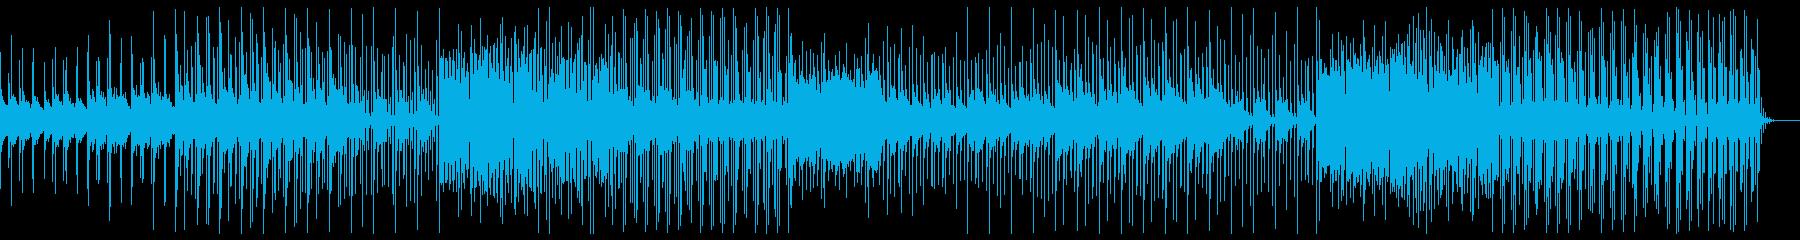 スチームパンクな印象のシネマティックな曲の再生済みの波形